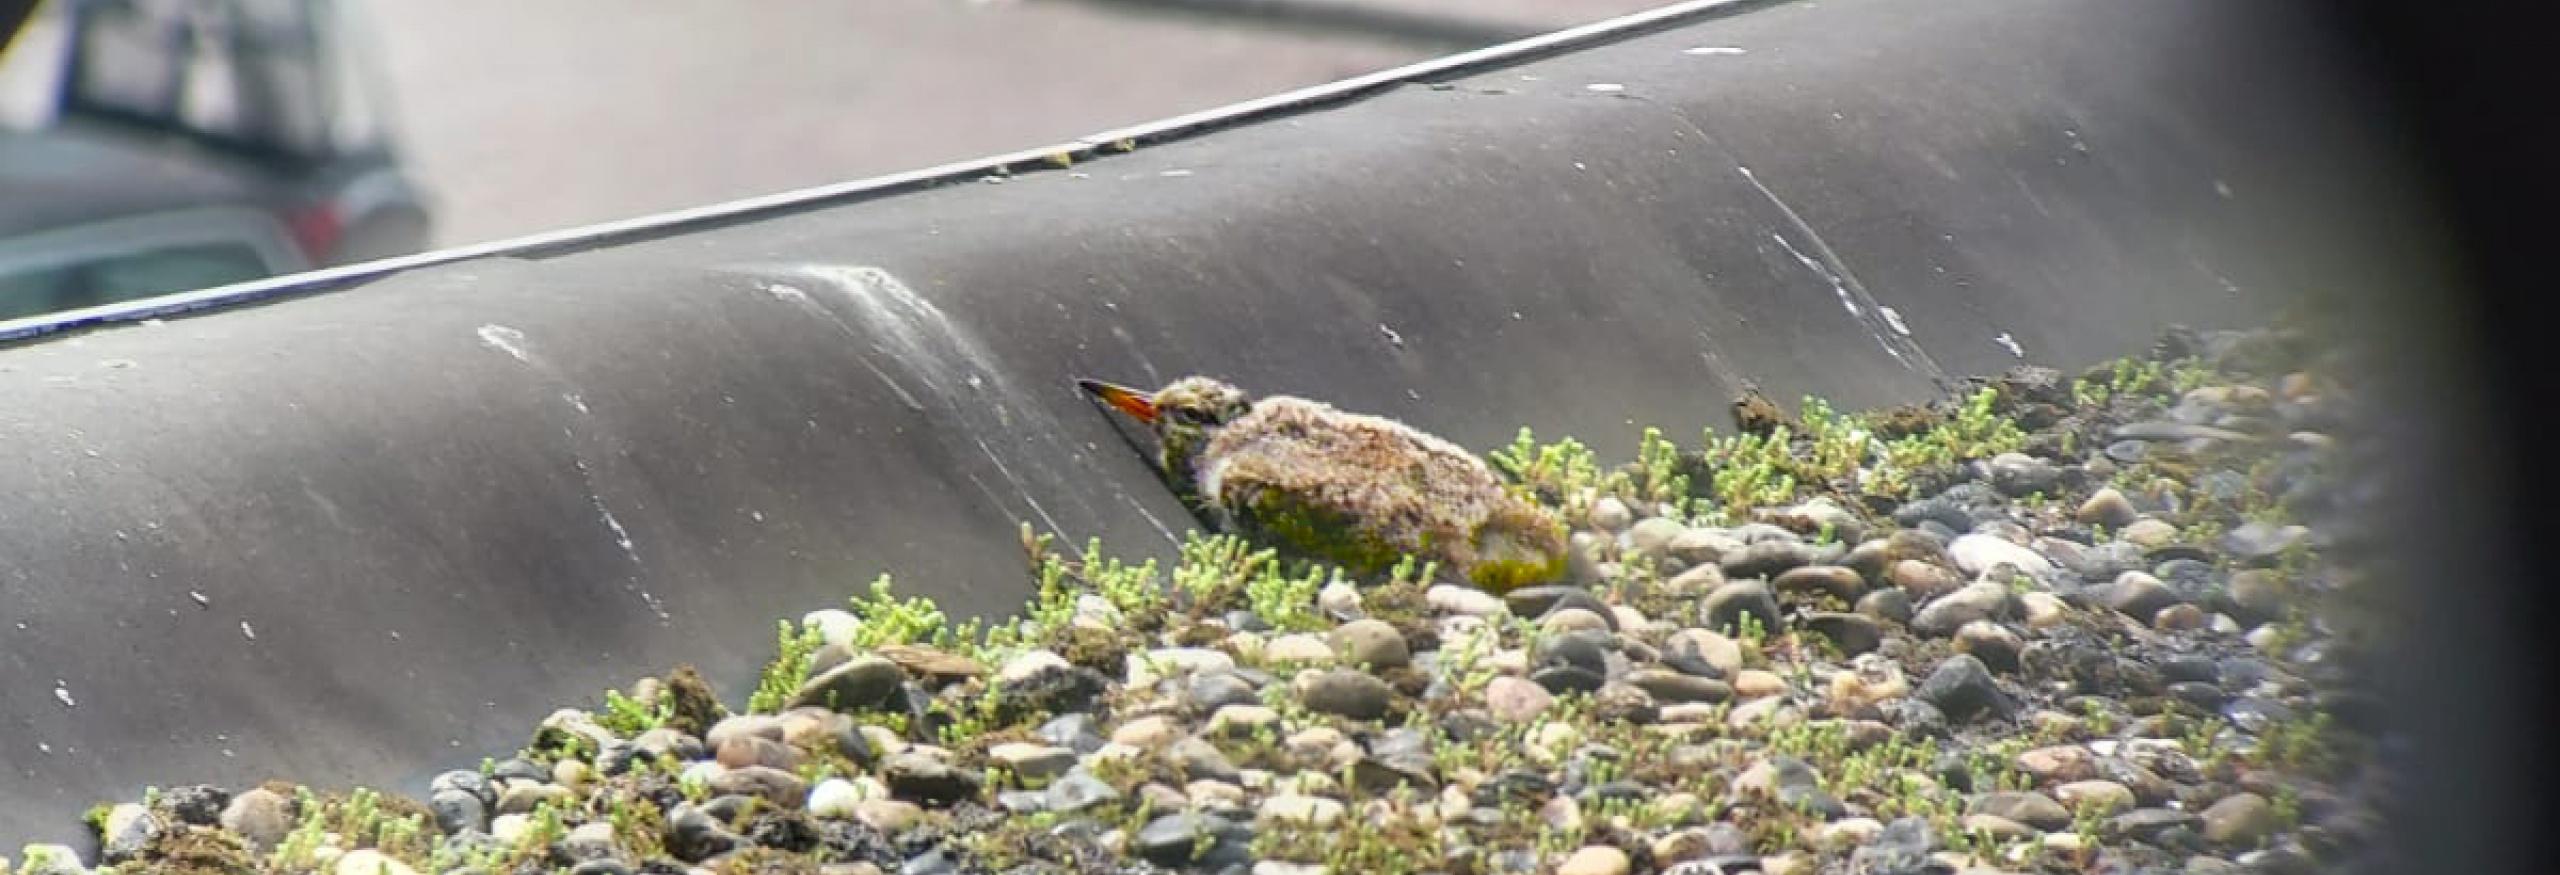 scholeksterkuiken net uit het nest